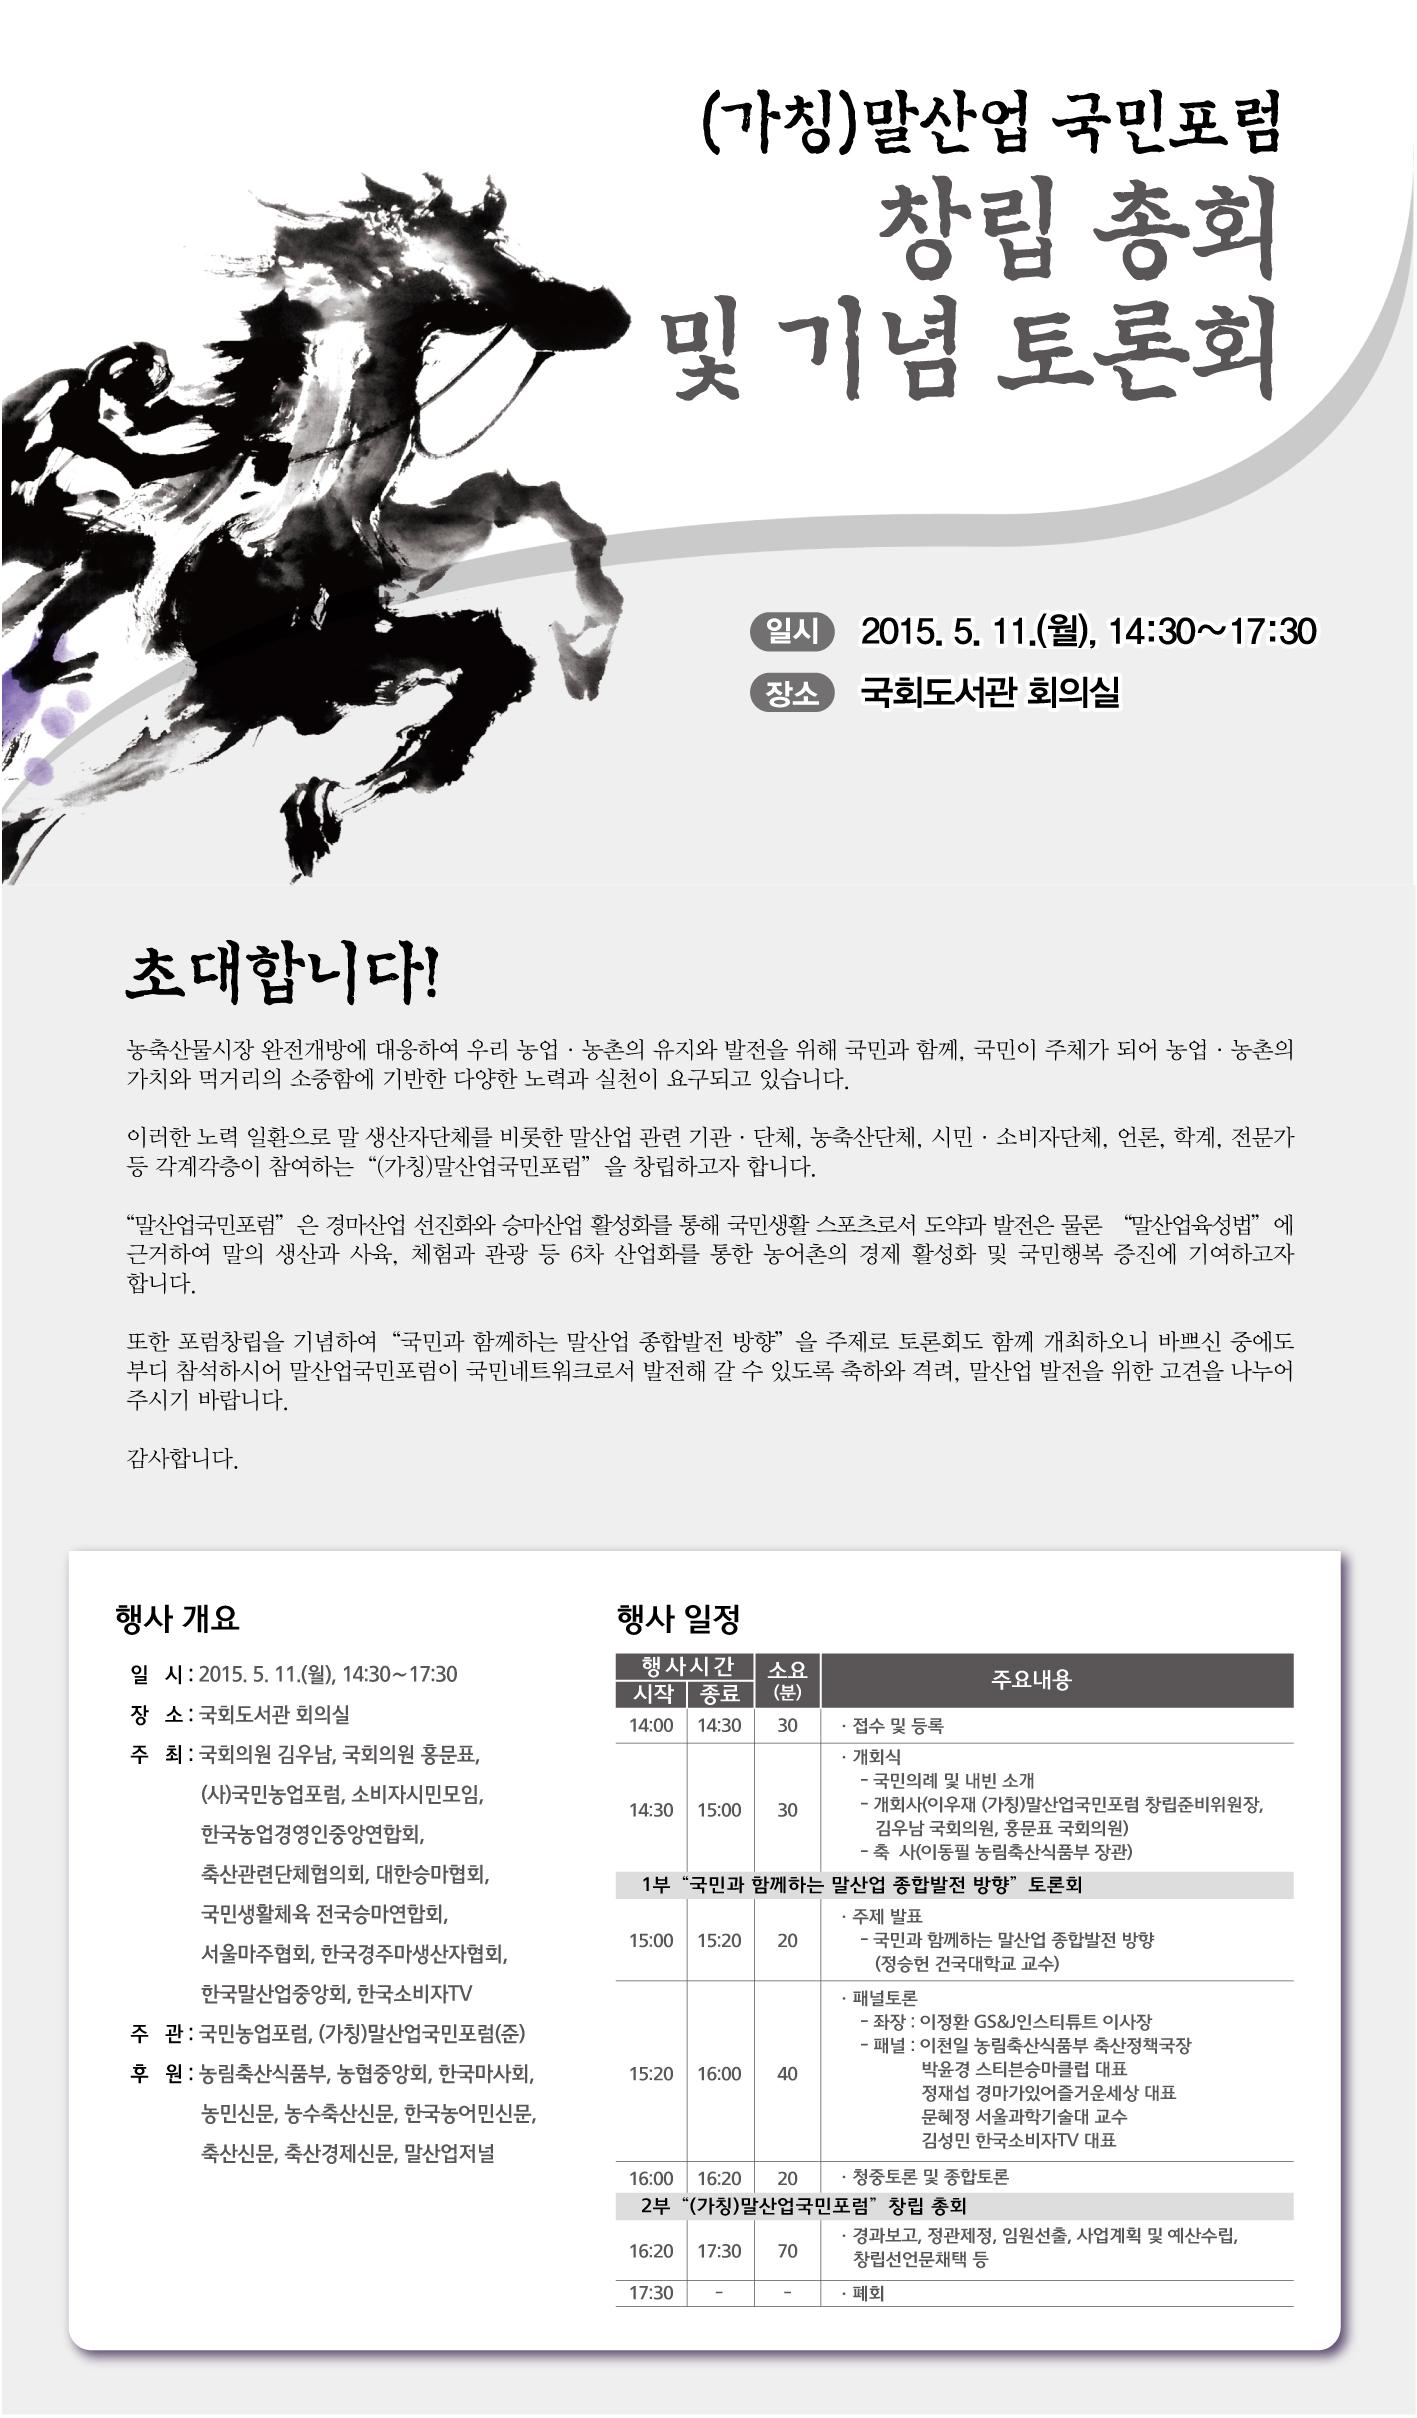 2015말산업국민포럼창립총회및기념토론회초대장_최종_웹용.jpg